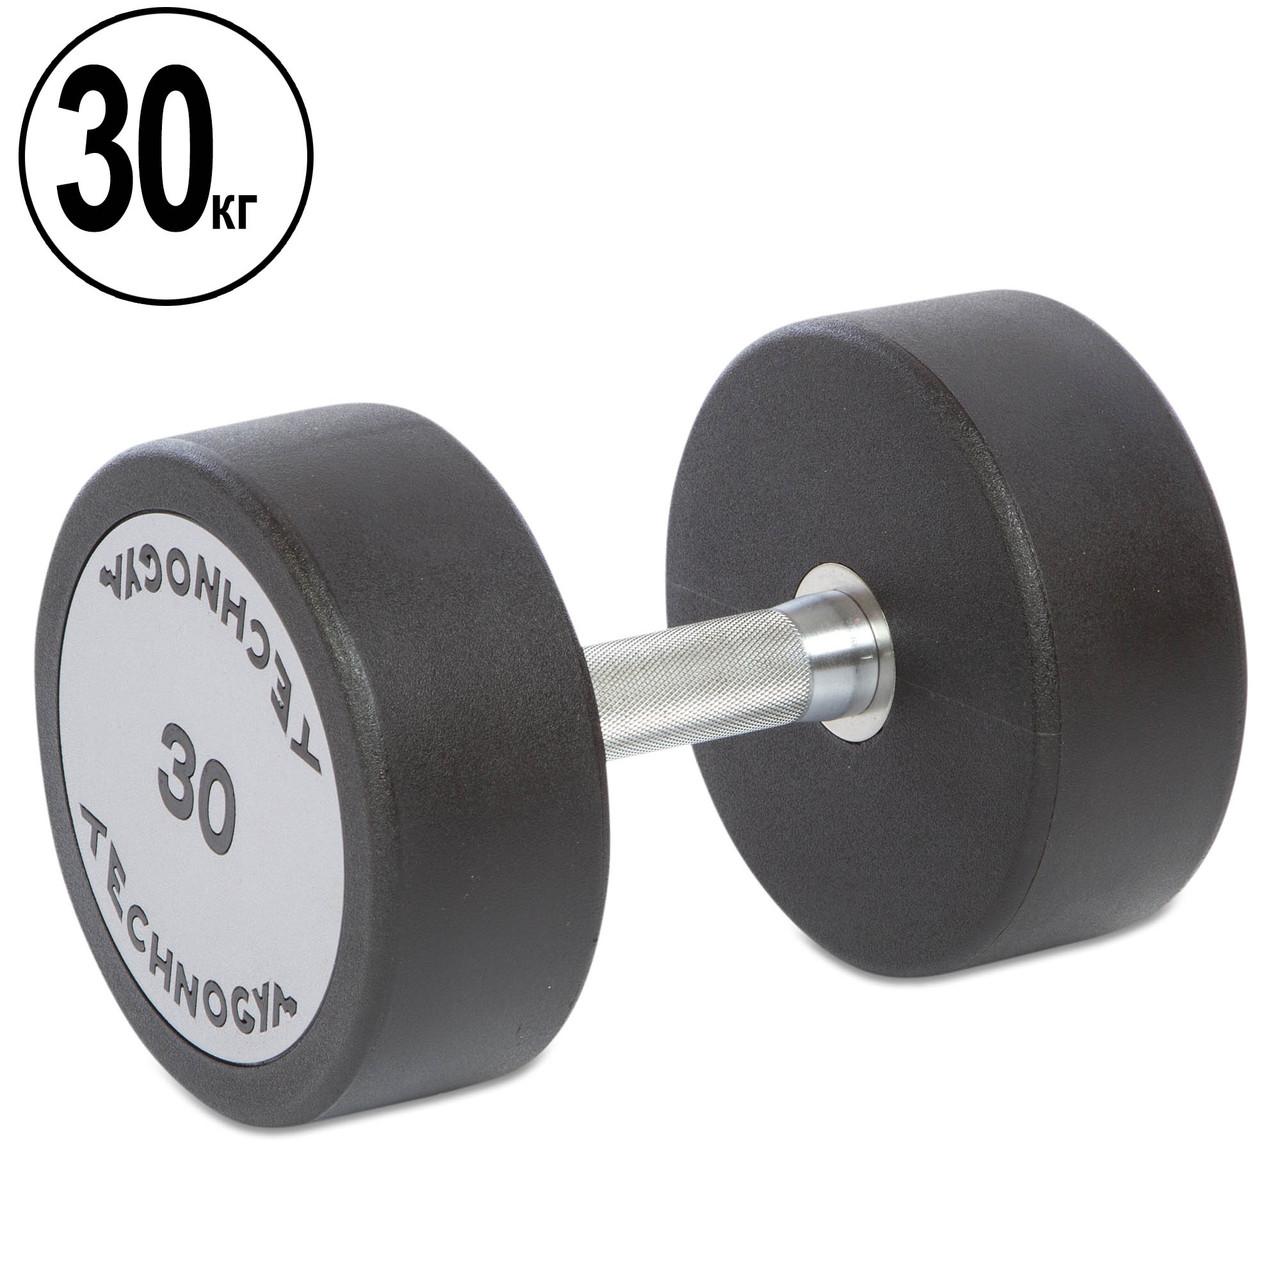 Гантель 30кг цельная профессиональная TECHNOGYM (1шт) (полиуретановое покрытие, вес 30кг)